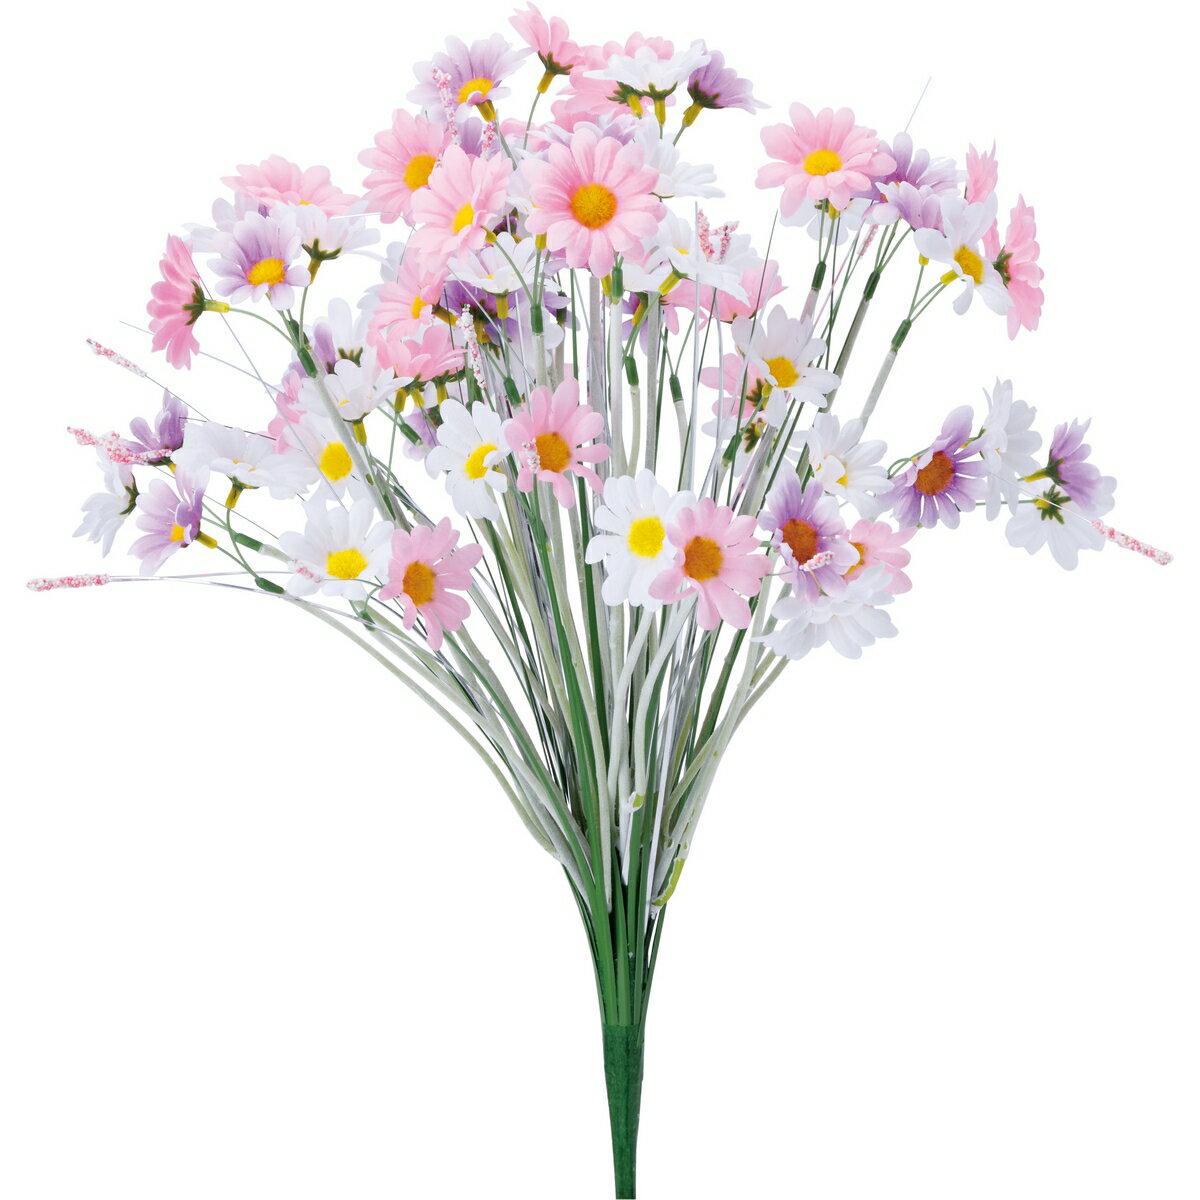 【造花】YDM/グラスマーガレットブッシュ ピンクラベンダー/FP -5027-P/L【01】【取寄】《 造花(アーティフィシャルフラワー) 造花ギフト 仏花 》